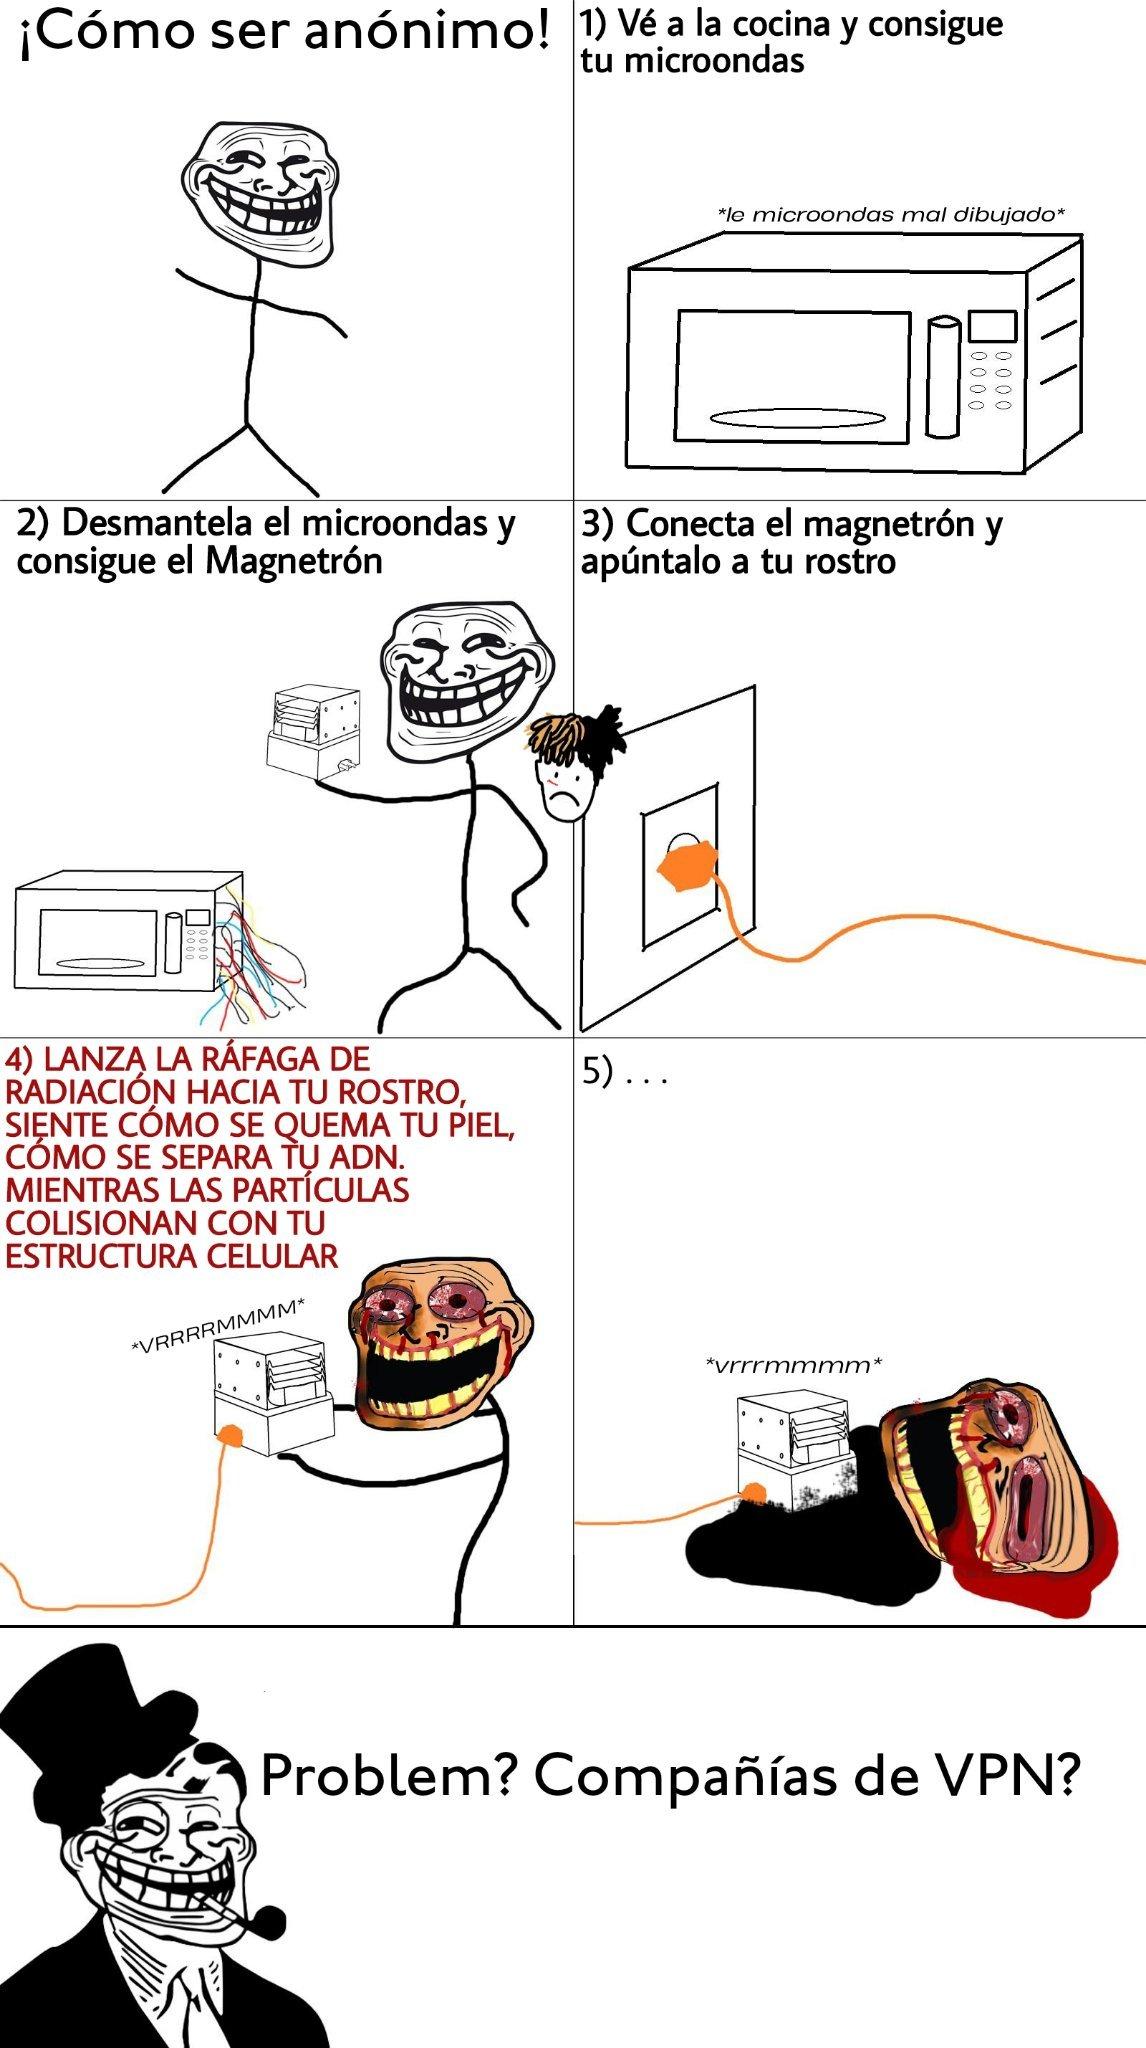 Anonimato - meme